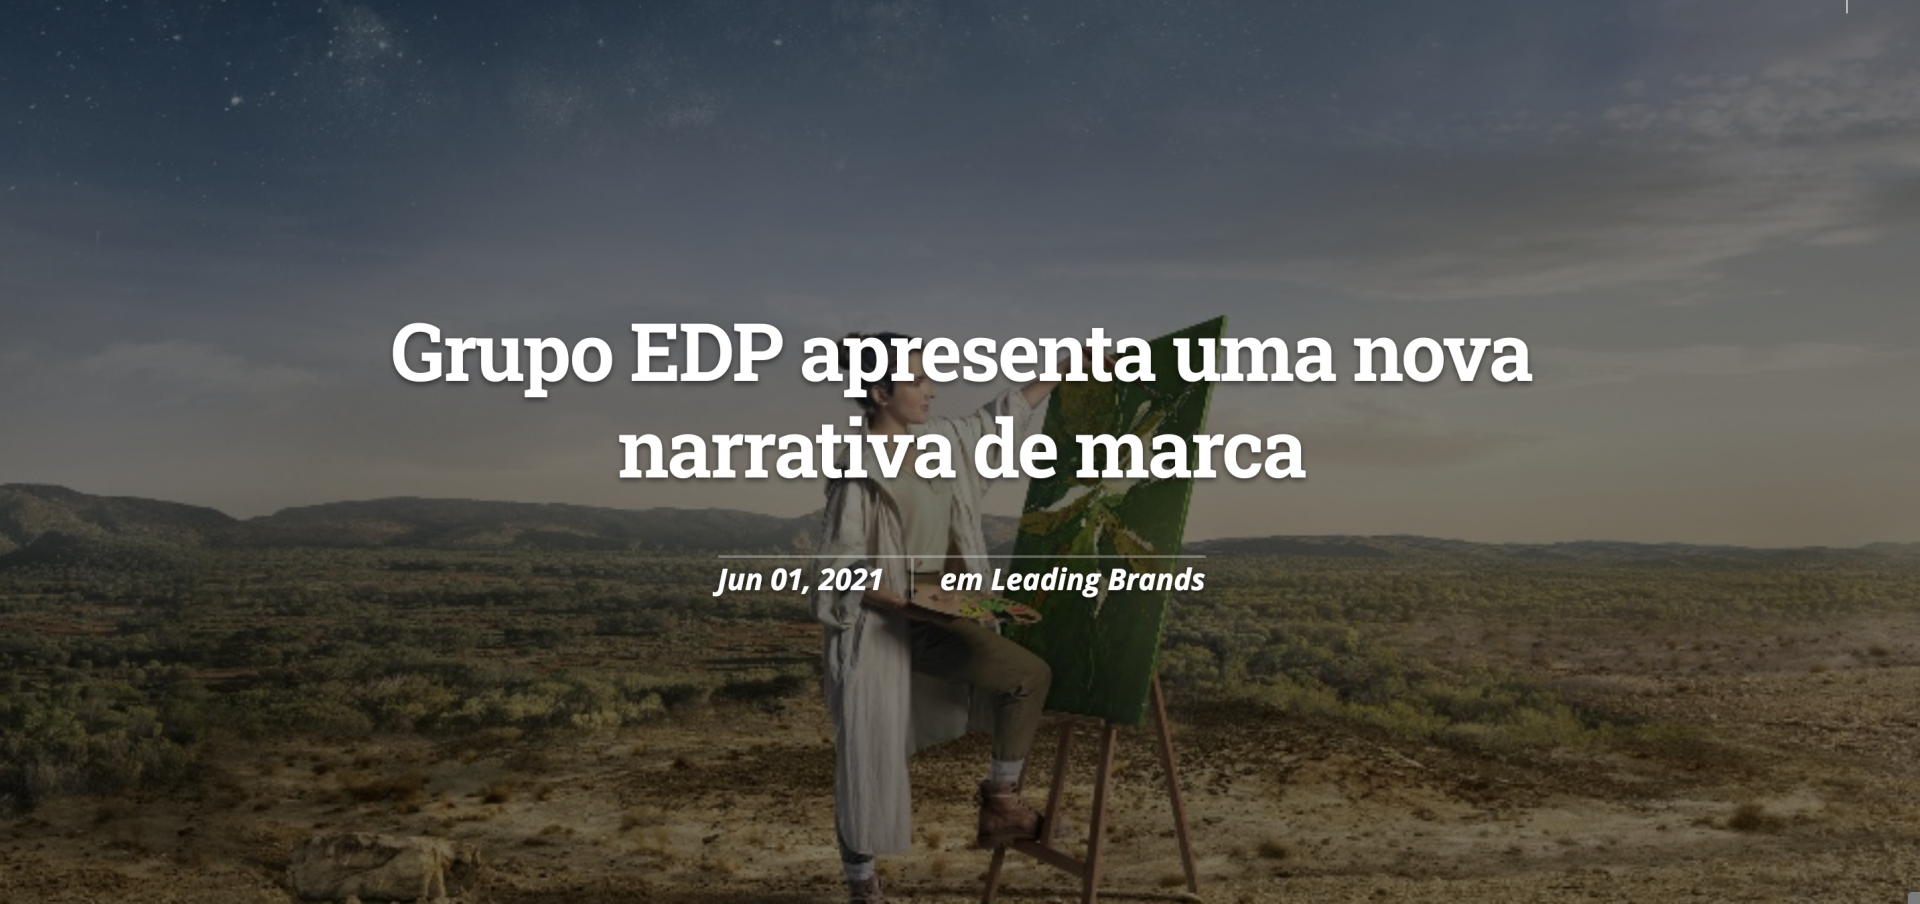 Carolina Piteira Press Lider Magazine - Grupo EDP apresenta uma nova narrativa de marca (1)